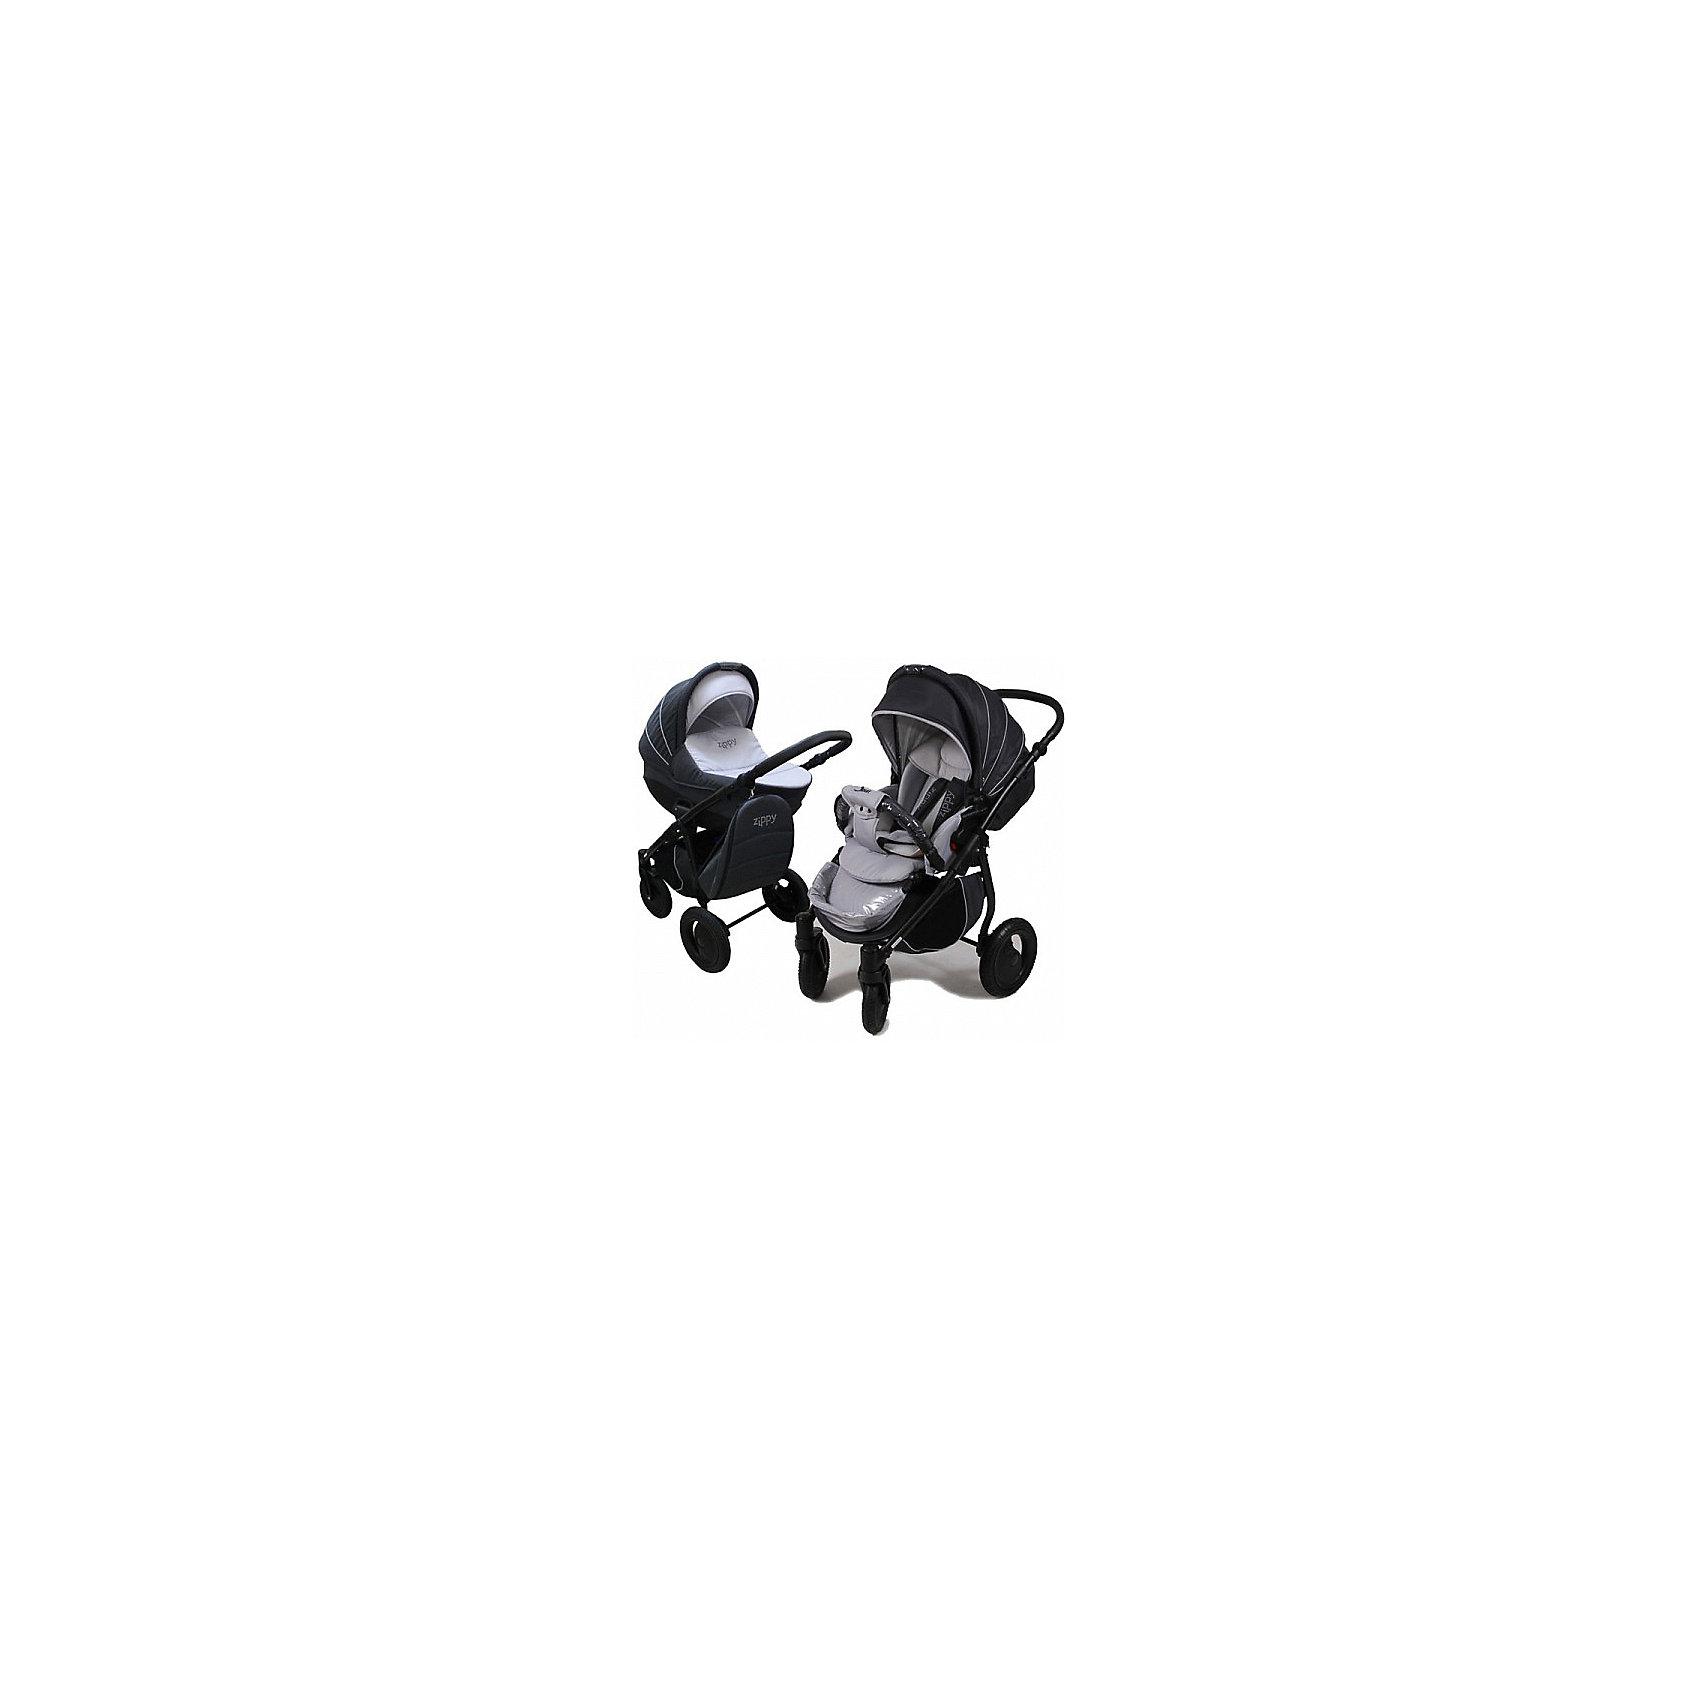 Коляска 2 в 1 Zippy Sport Plus, Tutis, темно-серый/светло-серыйКоляска 2 в 1 Zippy Sport Plus, Tutis, темно-серый/светло-серый<br>Коляска 2 в 1 Zippy Sport Plus, Tutis это стильная и маневренная коляска, предназначенная для детей от рождения до 3-х лет. Легкая в управлении, просторная, маневренная, компактная, она оборудована просторной прочной пластмассовой люлькой, которая имеет вентиляционные отверстия в нижней части. Внутри люльки - тканевое покрытие, матрасик из кокосового волокна и регулируемый подголовник. Накидка на люльку защищает малыша от ветра и непогоды. Прогулочный блок имеет широкое сидение с регулируемым наклоном спинки вплоть до горизонтального положения, встроенные пятиточечные ремни безопасности, регулируемую подножку с силиконовой накладкой, матрасик-вкладыш, накидку на ножки, съёмный бампер, обтянутый мягкой тканью с силиконовой накладкой. Большой регулируемый капюшон с ручкой для переноски имеет вентилируемую вставку под молнией. В капюшоне прогулочного блока предусмотрена встроенная силиконовая вставка. Высоту ручки для мамы можно отрегулировать. Предусмотрена вместительная корзина для покупок и сумка для мамы в виде рюкзака. Коляска имеет надувные колеса, передние - поворотные с блокировкой, задние - с ножными тормозами. Шасси выполнено из алюминия, легко и компактно складывается. Все внутренние поверхности и материалы натуральны и безопасны. Для их изготовления используется специально сотканная прочная нежная хлопчатобумажная ткань, особая технология SILVER PLUS обеспечивает защиту от микробов и аллергенов.<br><br>Дополнительная информация:<br><br>- Комплектация: люлька, прогулочный блок, шасси, матрас для люльки, чехол на ноги (для люльки и прогулочного блока), москитная сетка, дождевик, рюкзак для мамы, корзина для покупок, матрас-вкладыш для прогулочного блока<br>- Функция качания (когда люлька лежит на полу)<br>- Регулируемая амортизация шасси<br>- Размеры: прогулочный блок 95х39х24 см. внутренний размер люльки 34х76 см.<br>- Размер слож